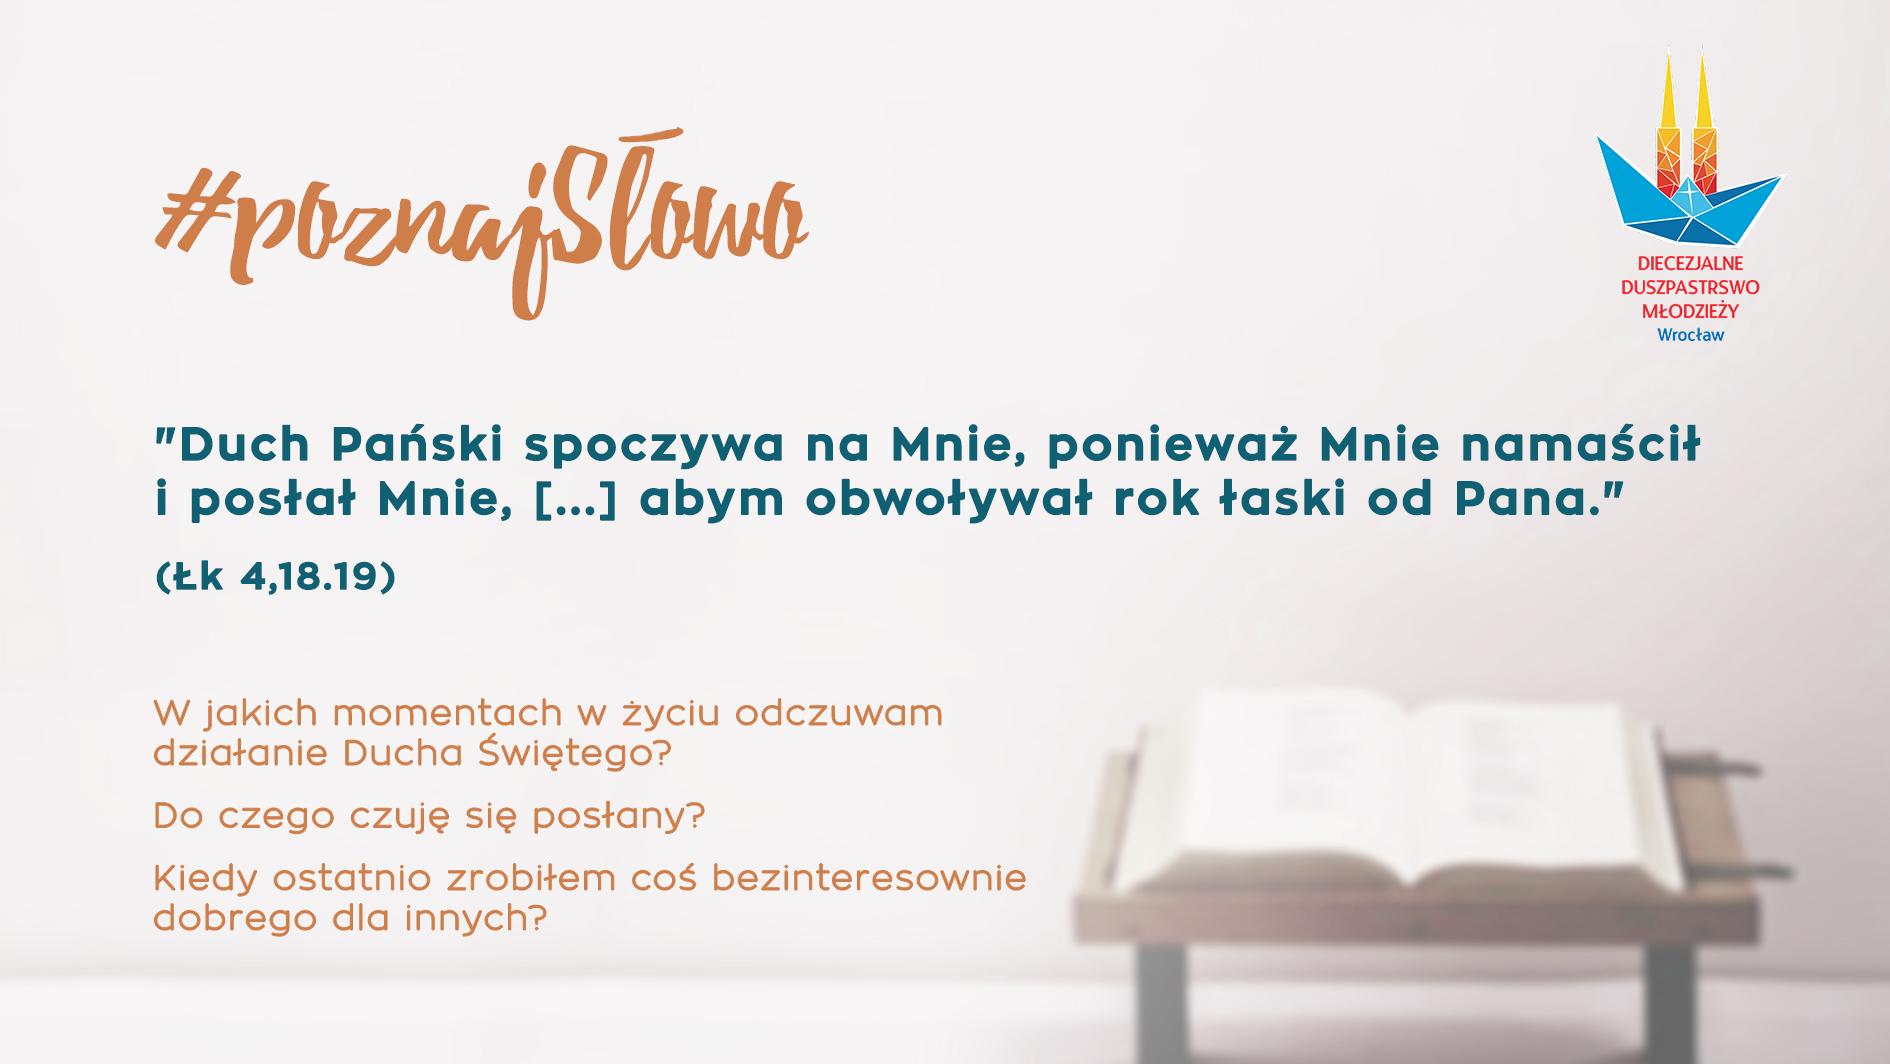 8. #poznajSłowo - Alek Radzikowski - 27.01.19